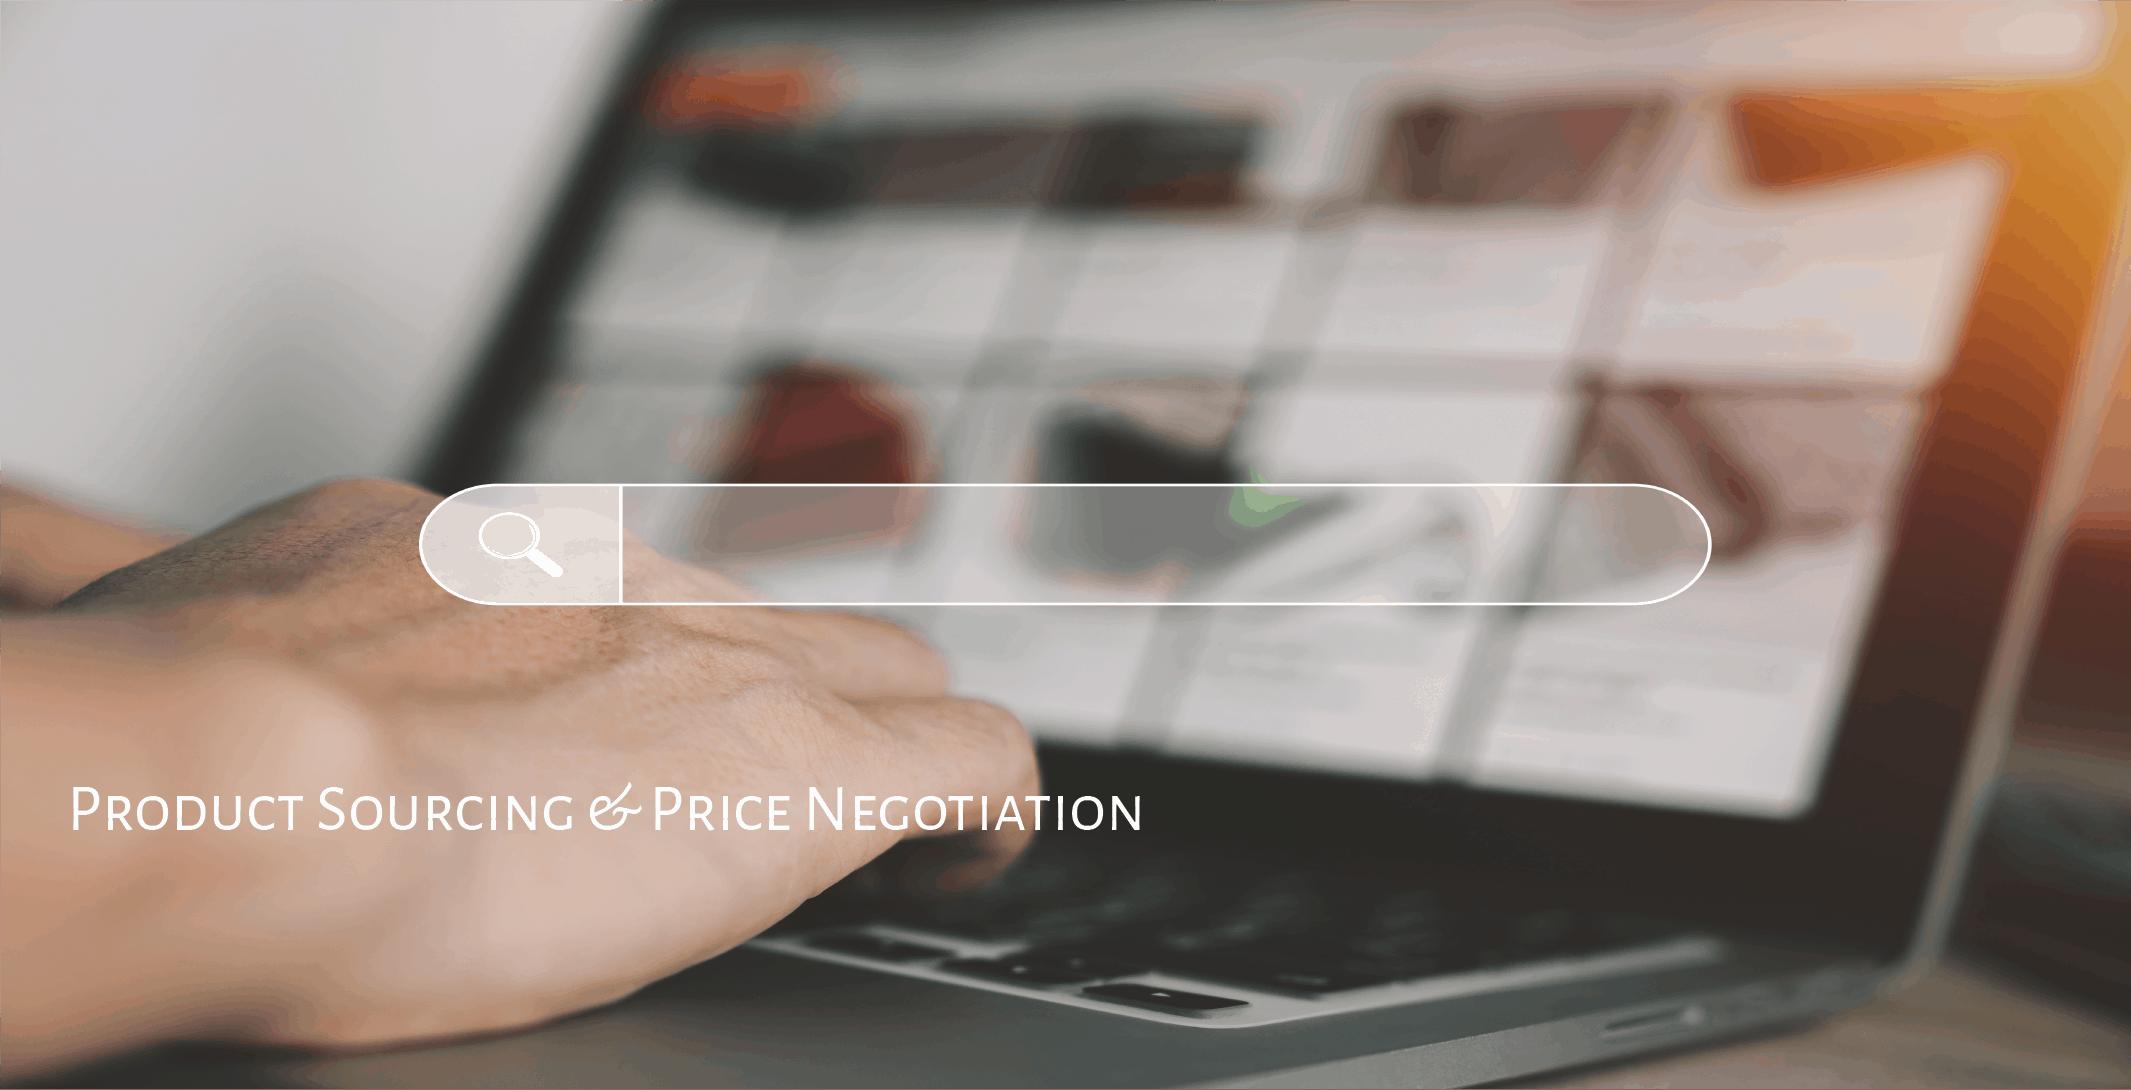 選品及商品採購議價